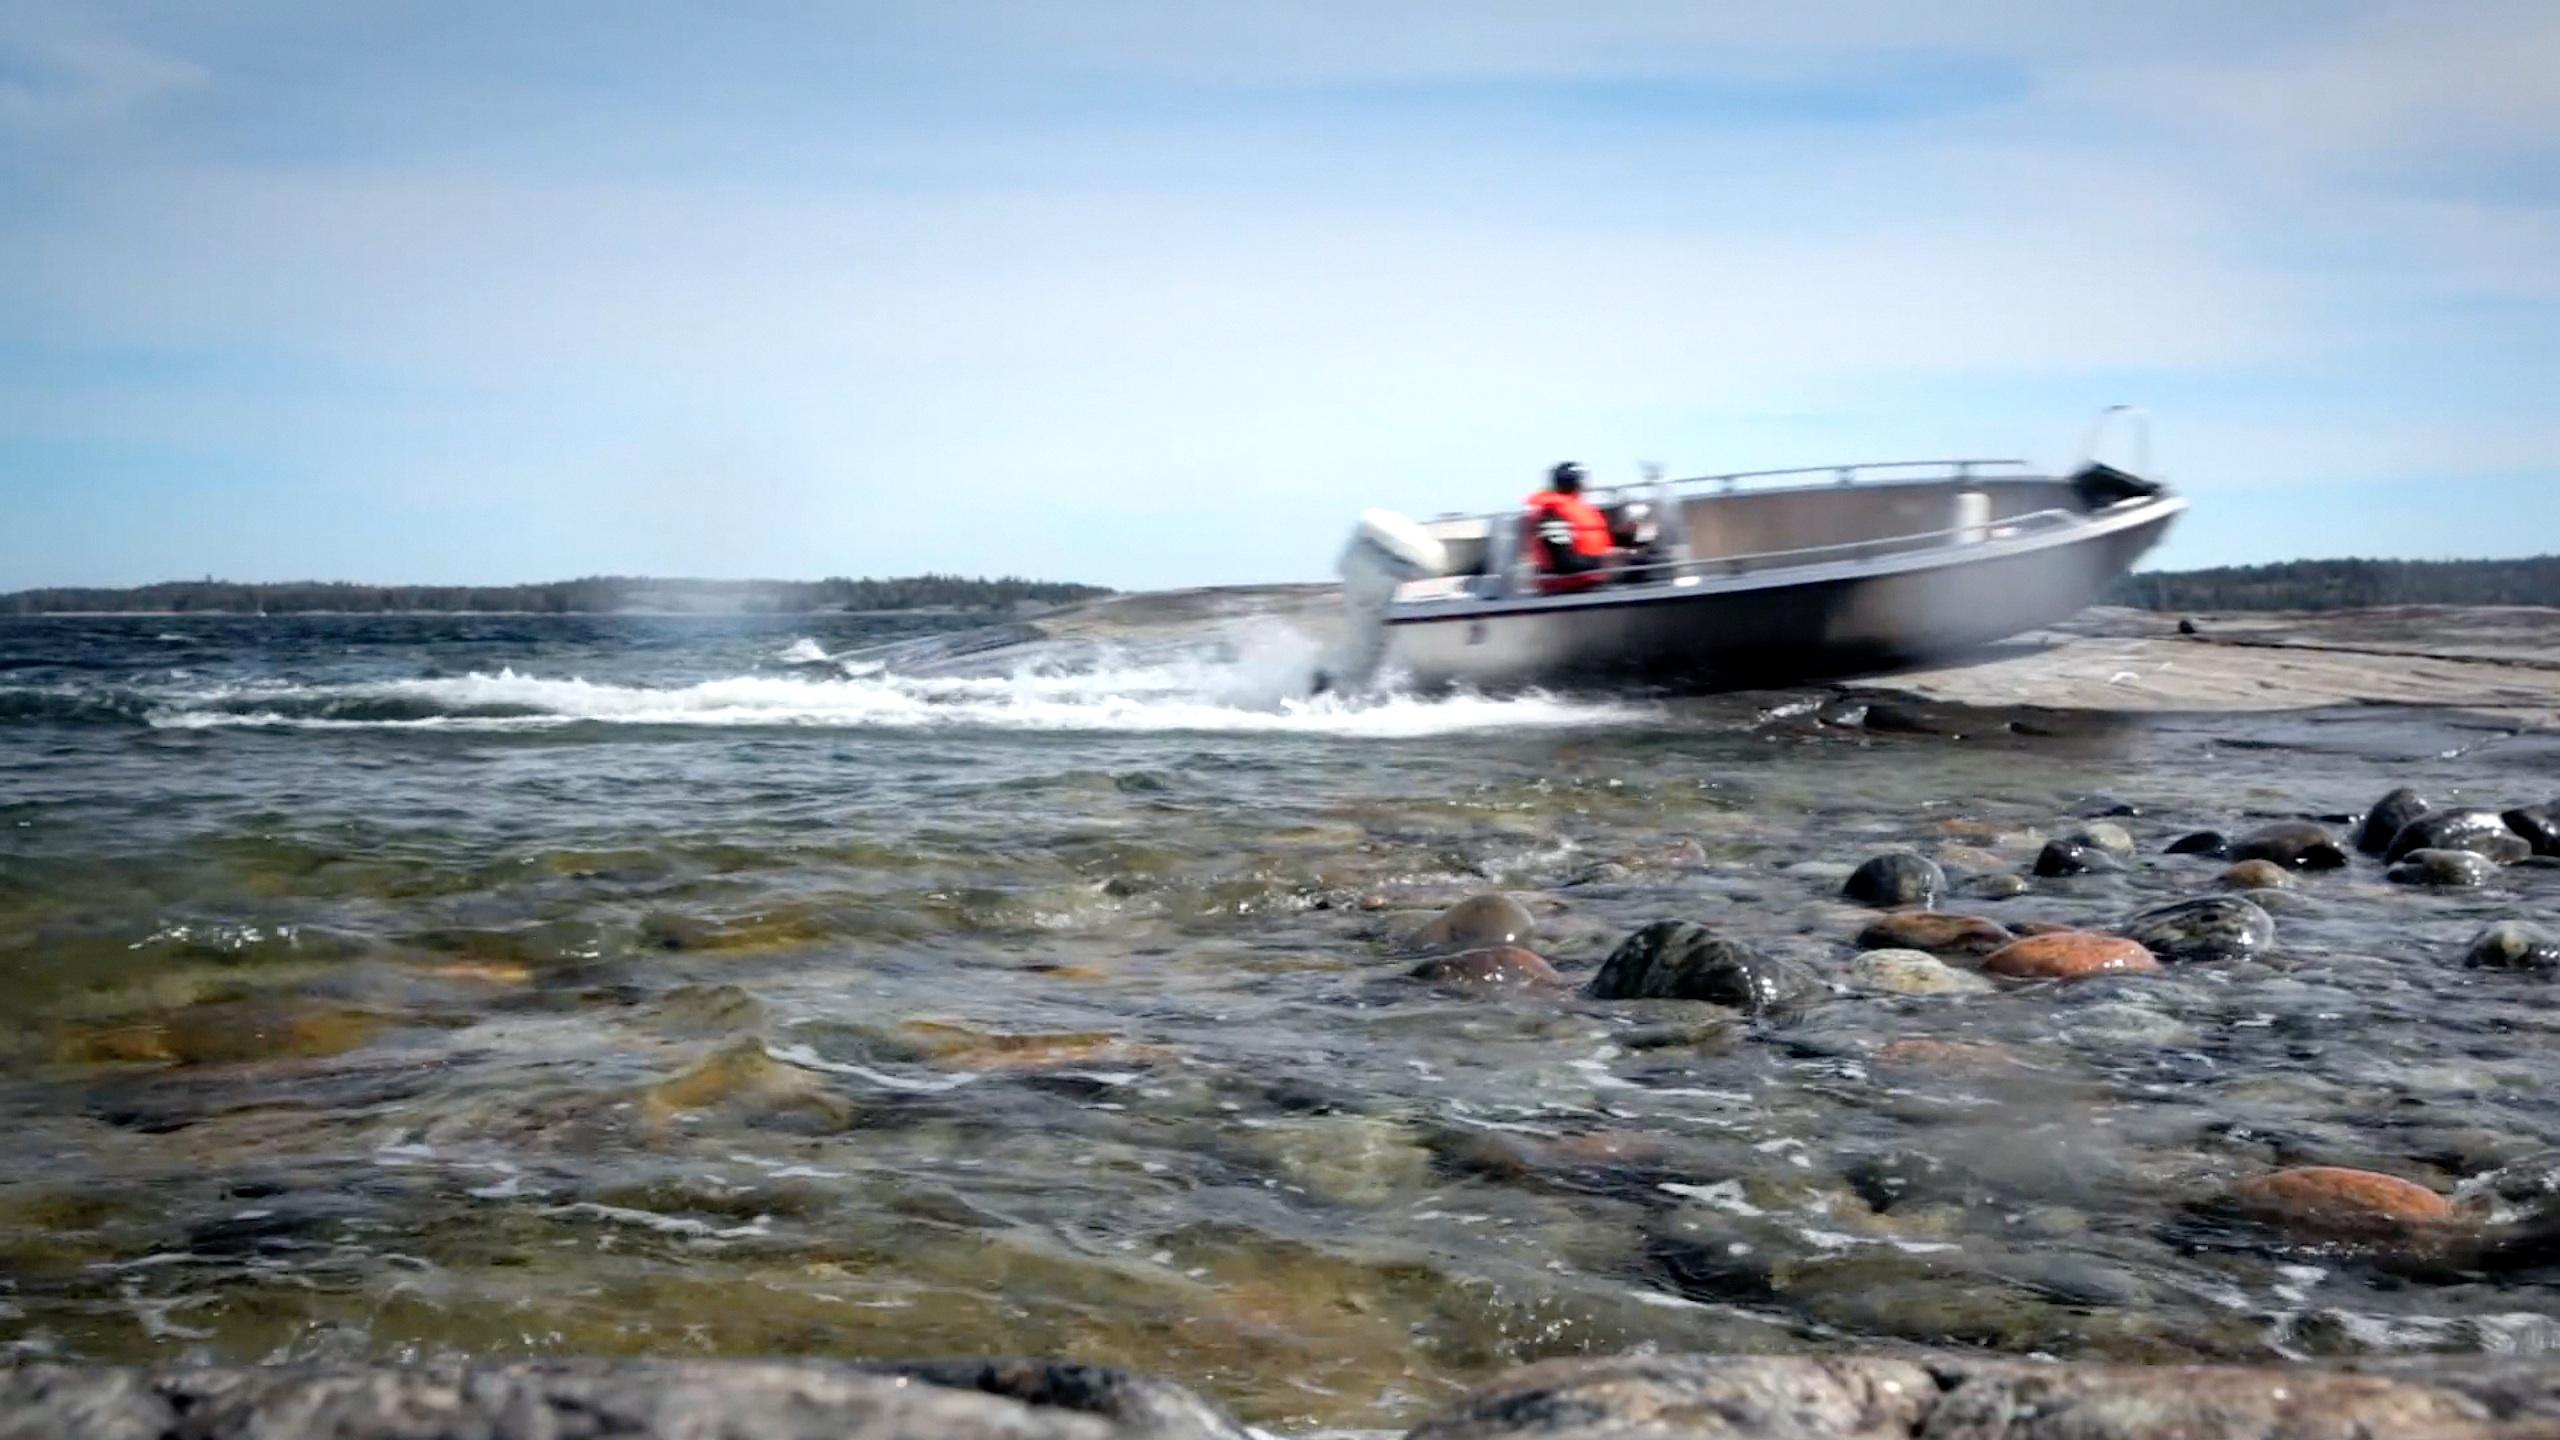 batar_motorbatar_2014_Ockelbo_Swedish_boatcrash_2